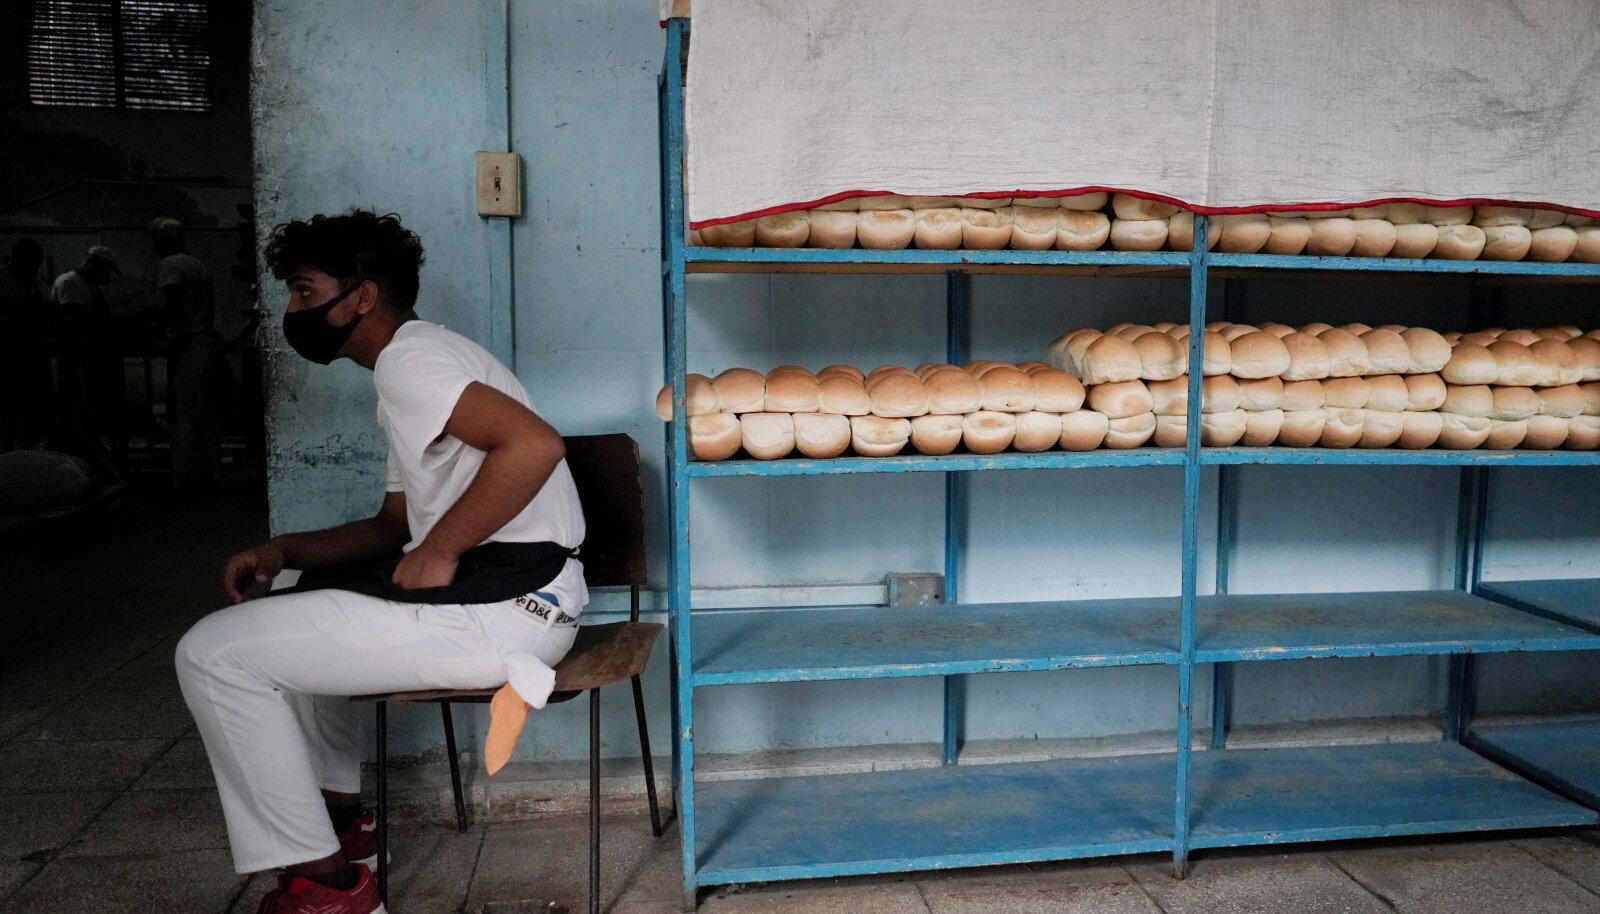 MAISILEIBA VASTU TAHTMIST: Pagarikoja tööline Havannas. Pagarid panevad Kuubal leiva sisse üha rohkem kõrvitsa- või maisijahu, mistõttu kurdavad kohalikud, et leib maitseb nagu vettinud mais.